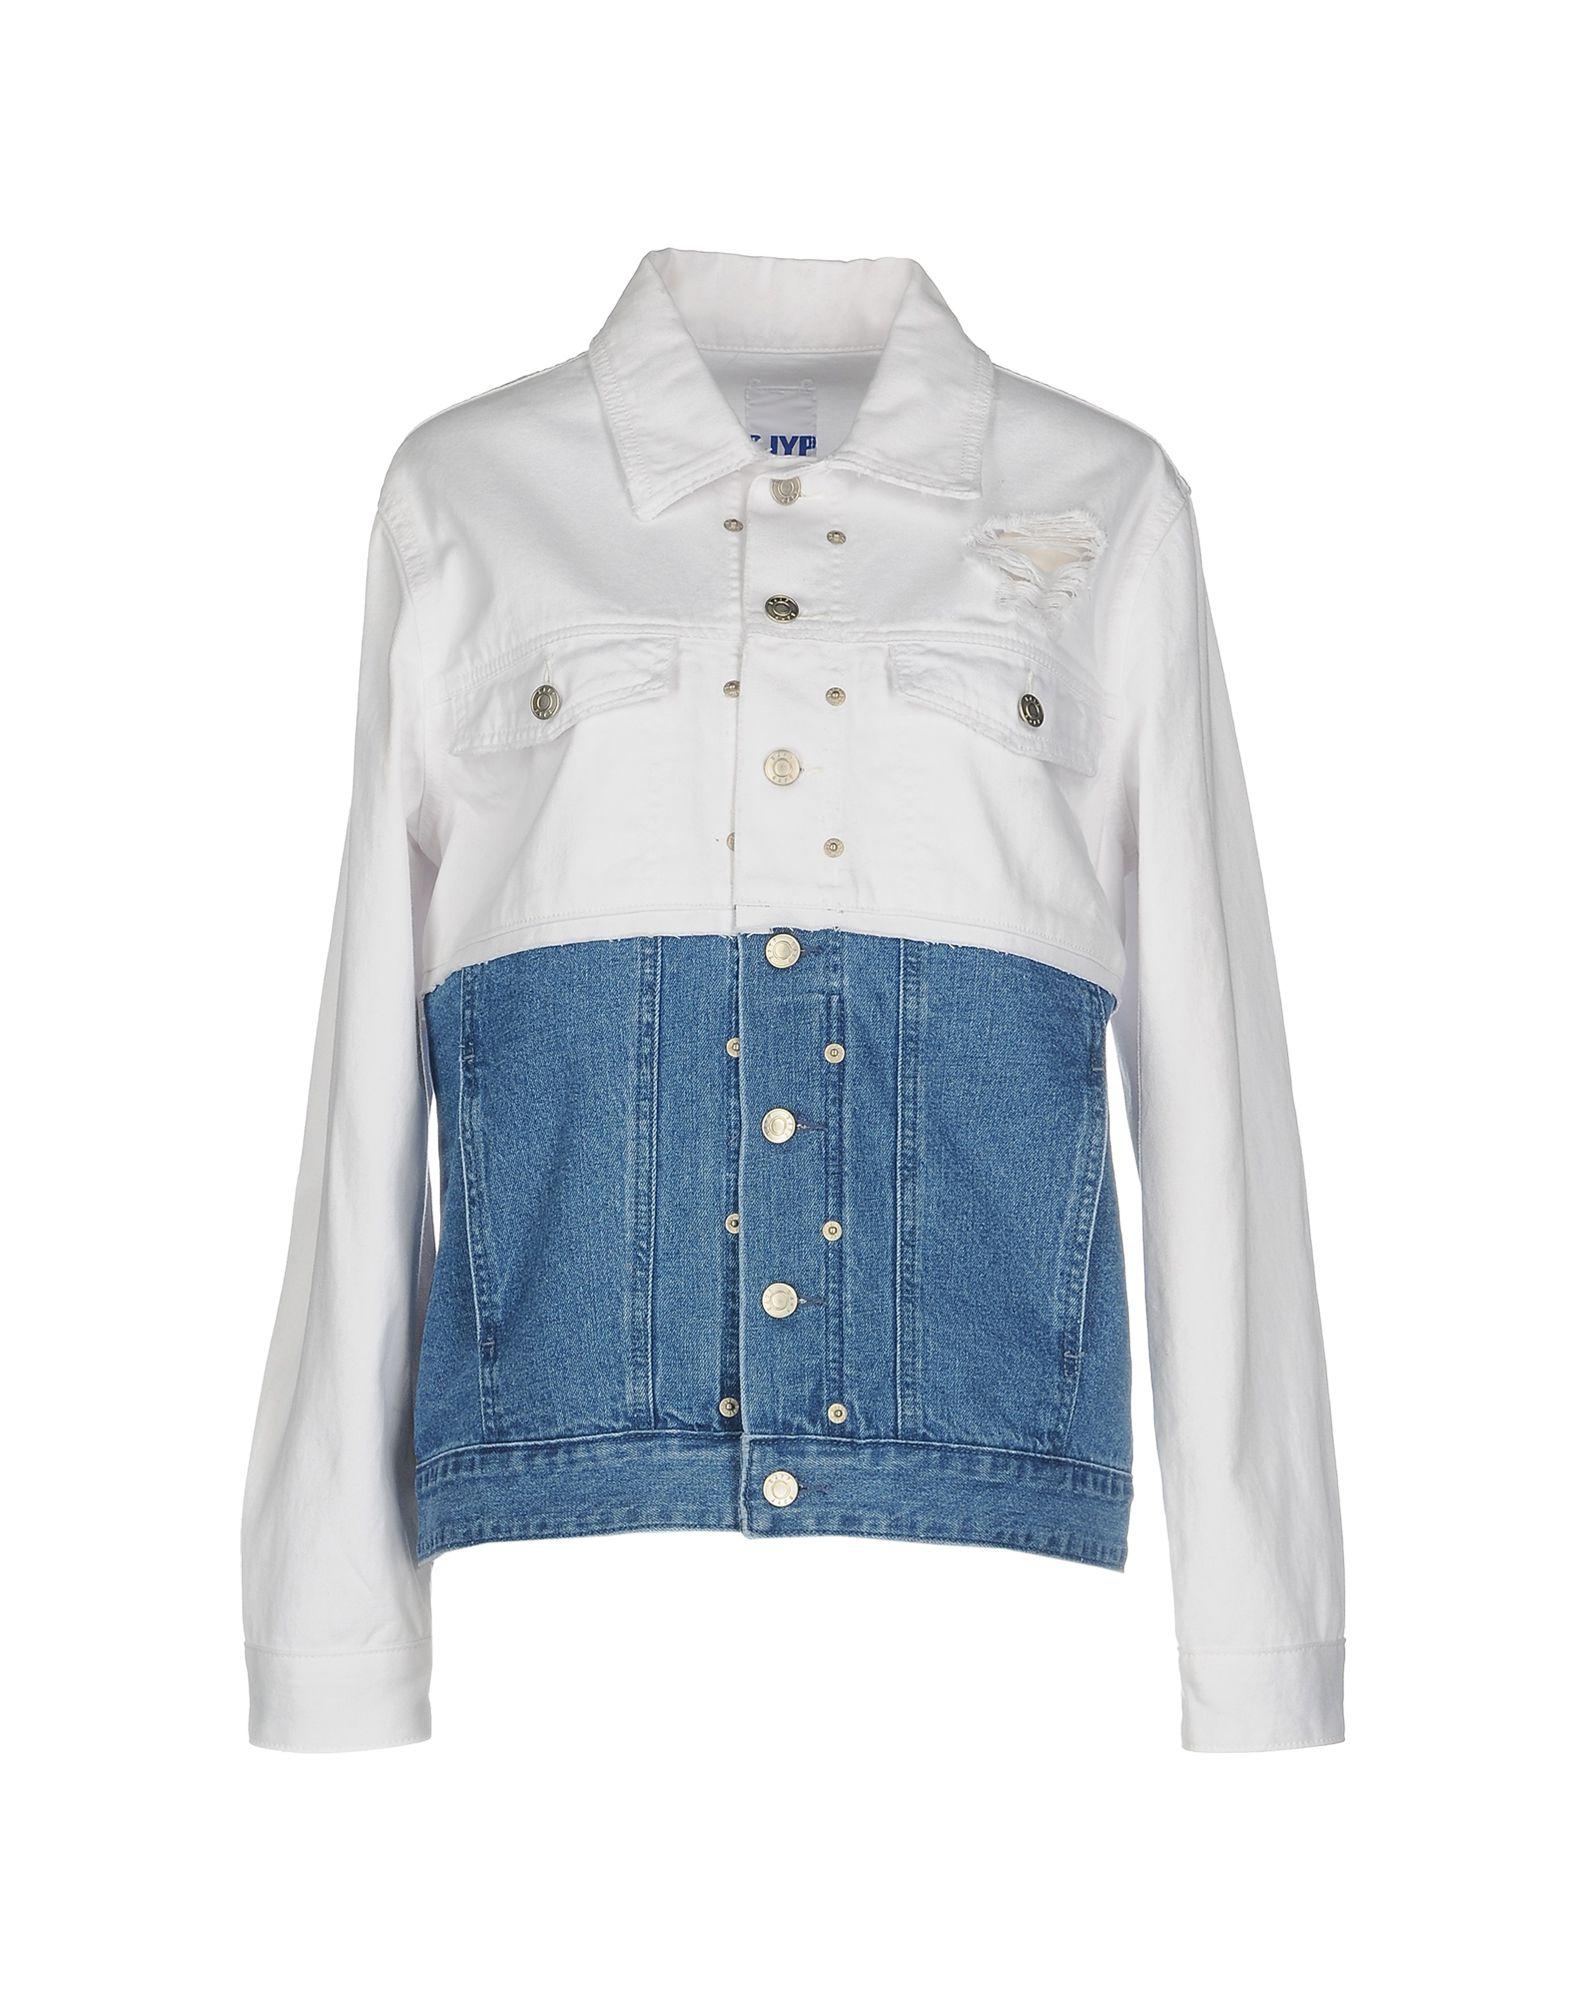 SJYP Джинсовая верхняя одежда верхняя одежда